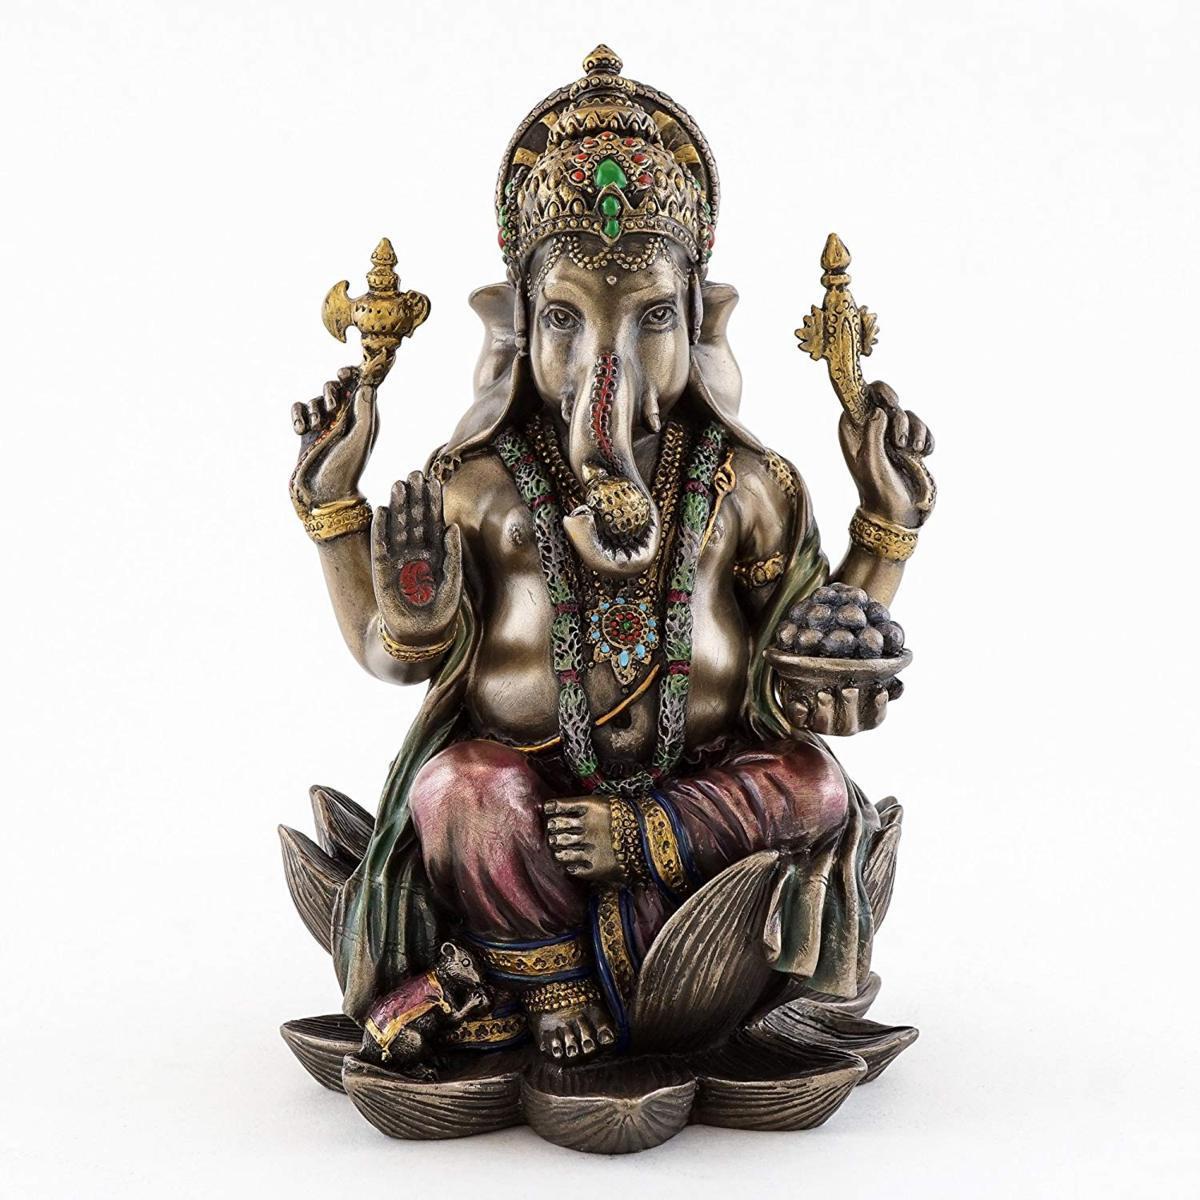 ガネーシャ(夢をかなえるゾウ)ヒンズー教の象神 成功の神 ブロンズ風 彫像 彫刻 高さ約18cm/ 7 1/4-inch Ganesha Statue(輸入品